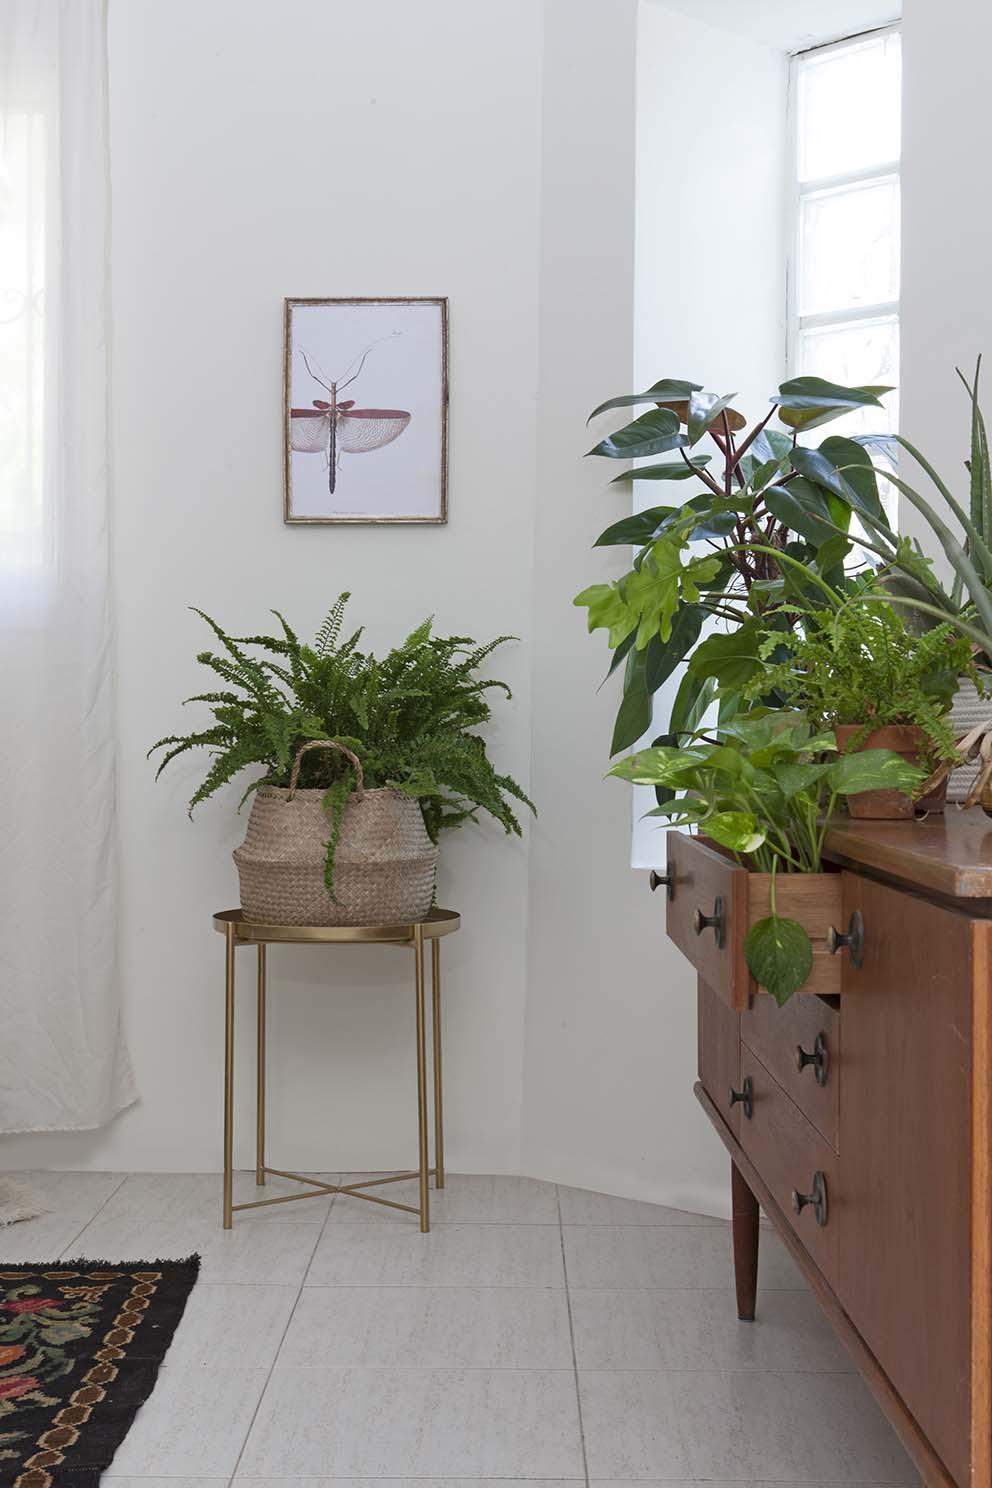 עיצוב: חופית גלעד, צילום: הגר דופלט, www.pnim.co.il